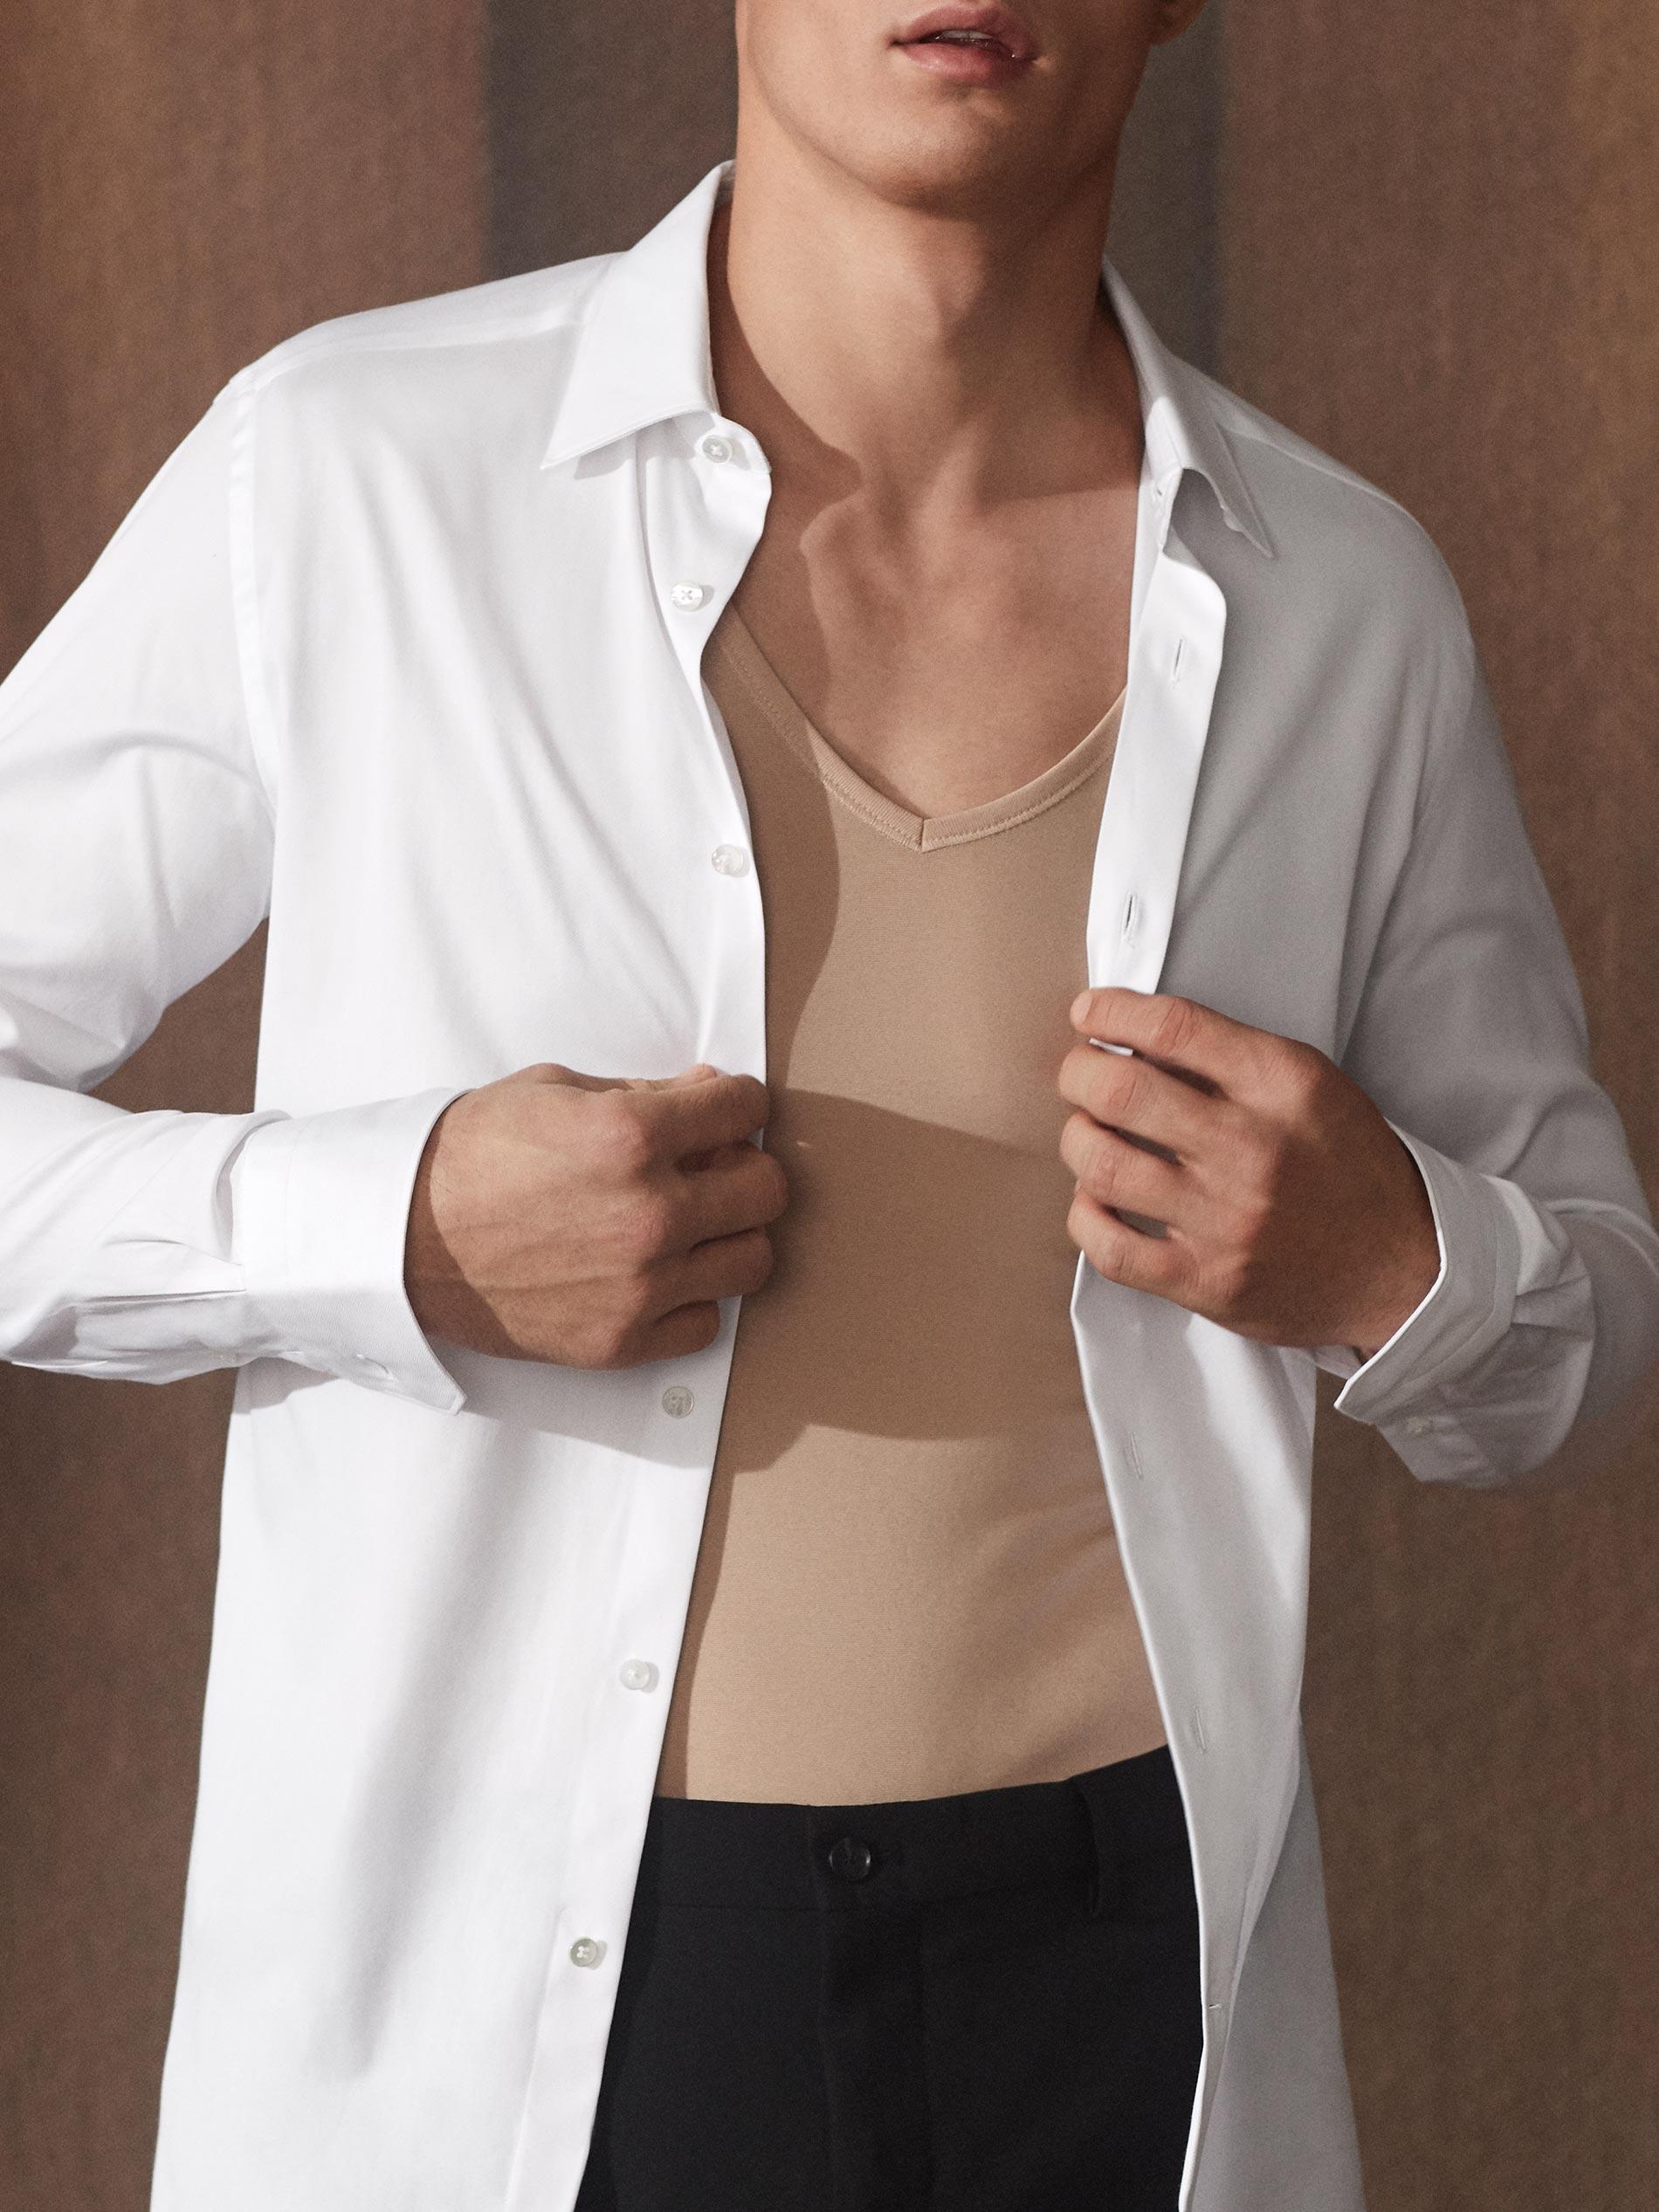 Mann trägt eine Anzughose und ein komplett geöffnetes weißes Hemd, er möchte es gerade ganz ausziehen, das Drunterhemd in der Farbe Light Skin mit dem extra-tiefen V-Ausschnitt ist sichtbar